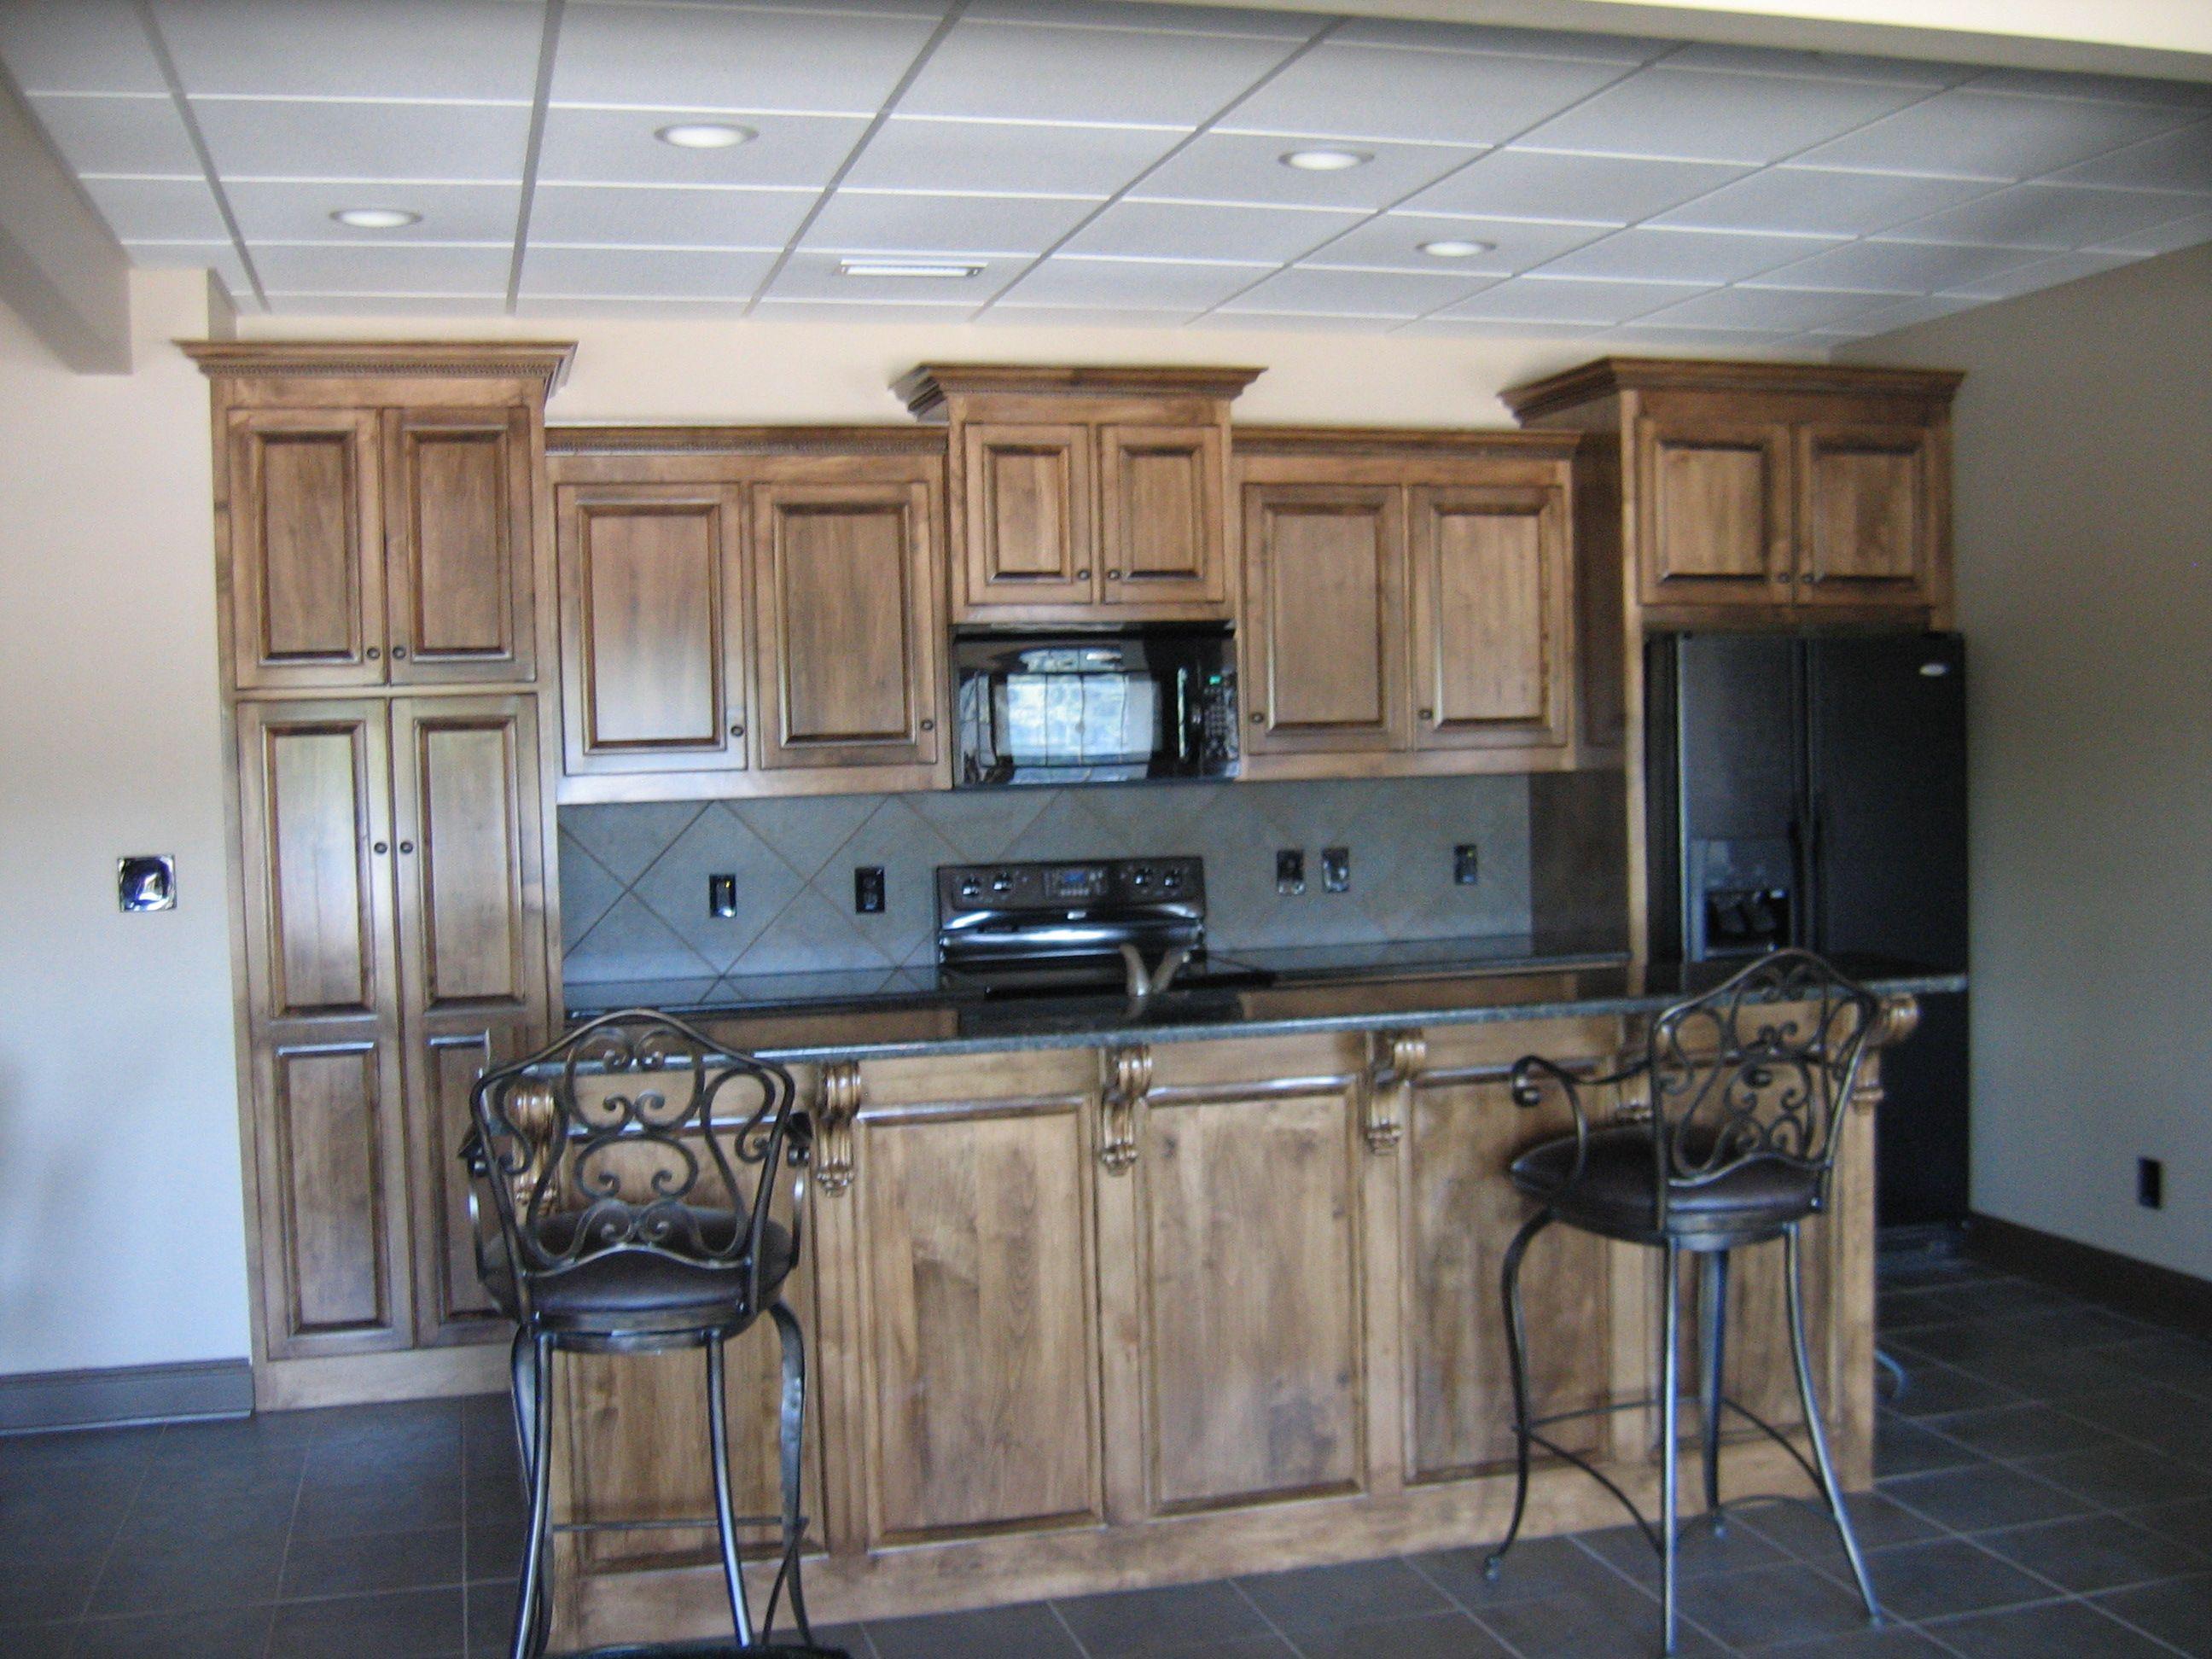 basement kitchen basement kitchen cabinets kitchen with images basement kitchen on kitchen cabinets organization layout id=99019